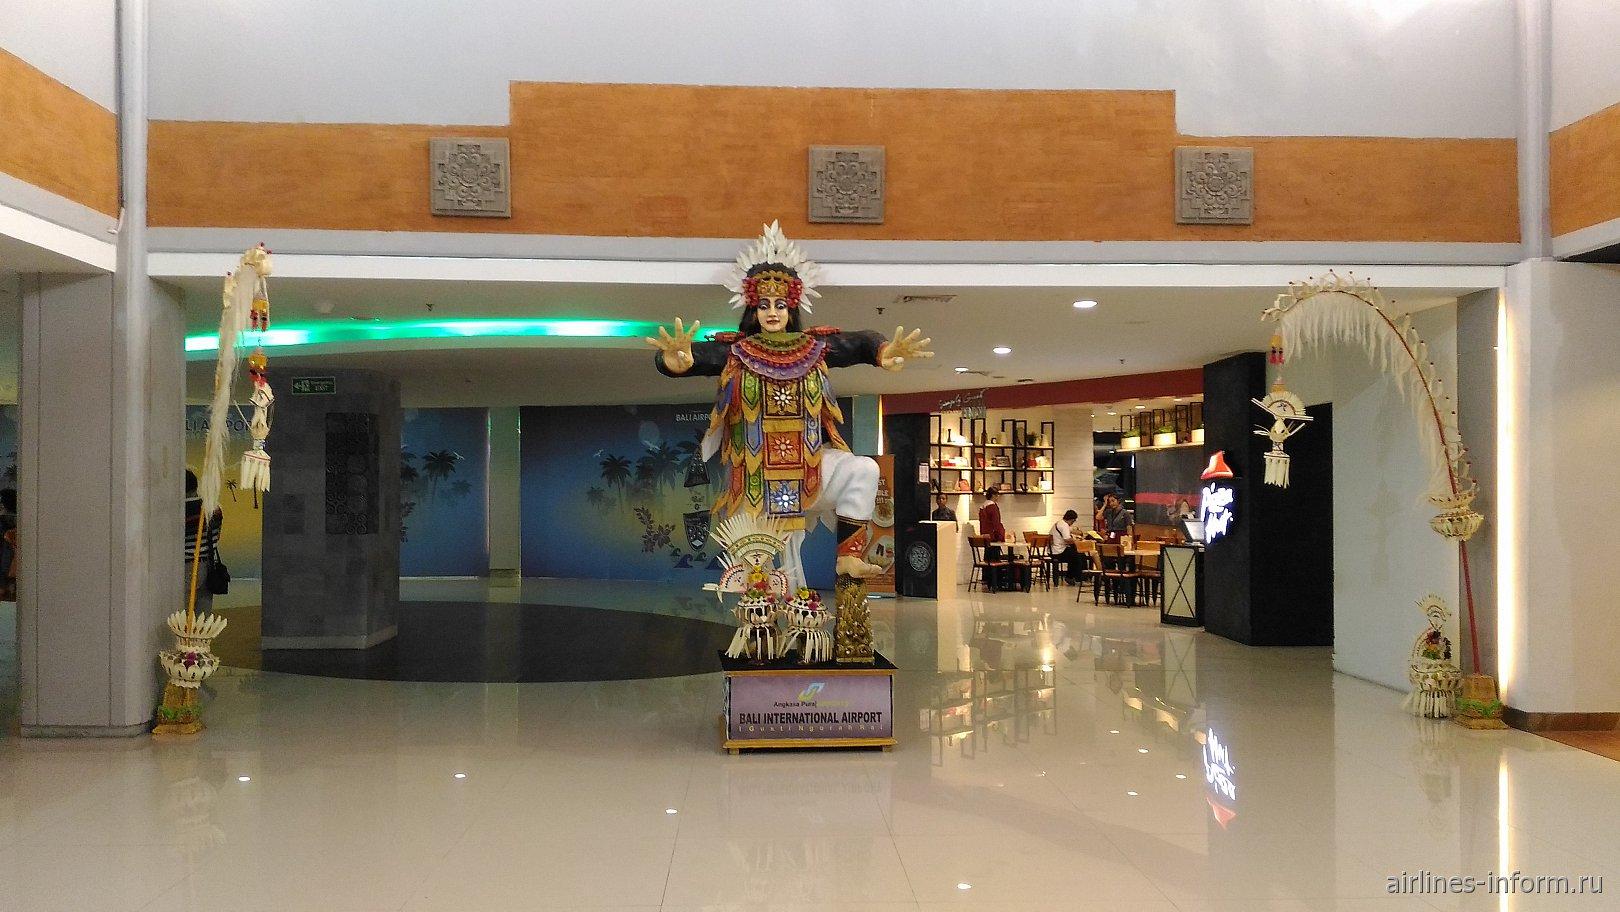 В чистой зоне терминала внутренних линий аэропорта Денпасар Нгура Рай